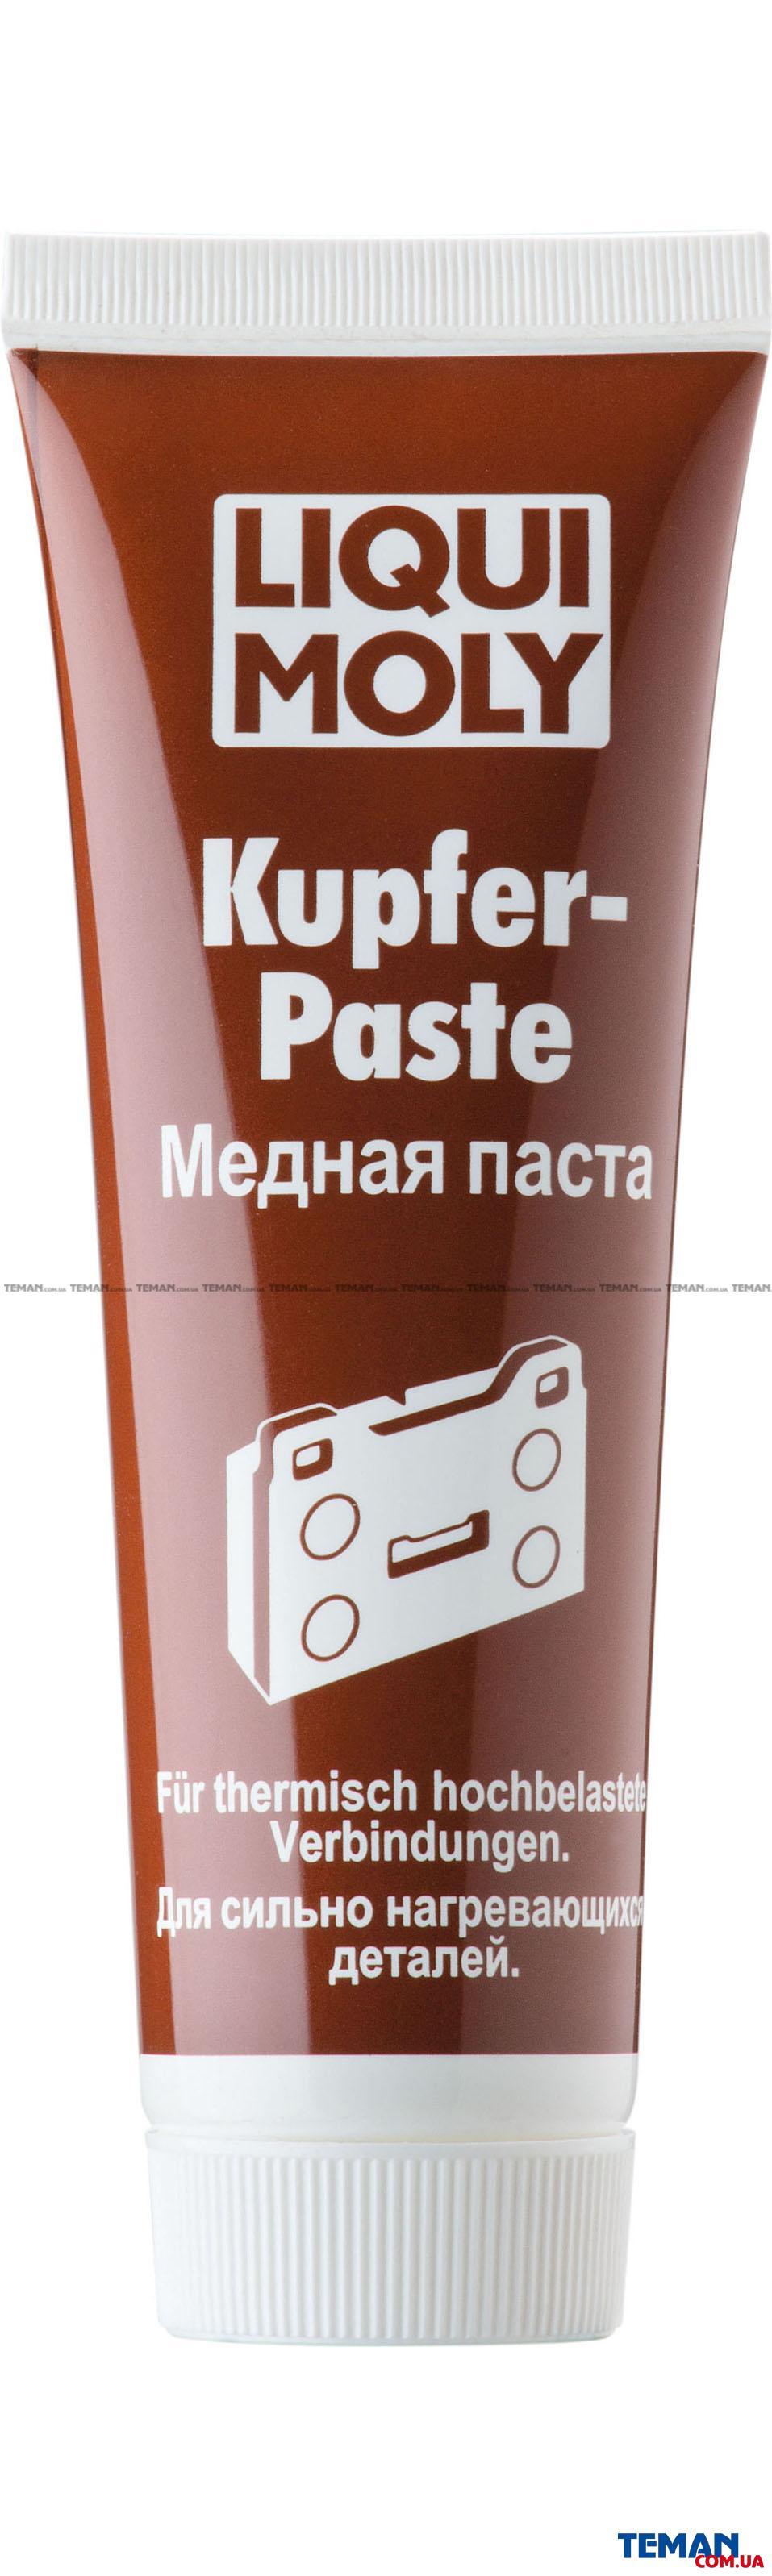 Купить Медная паста Kupfer-Paste 0,1 лLIQUI MOLY 7579